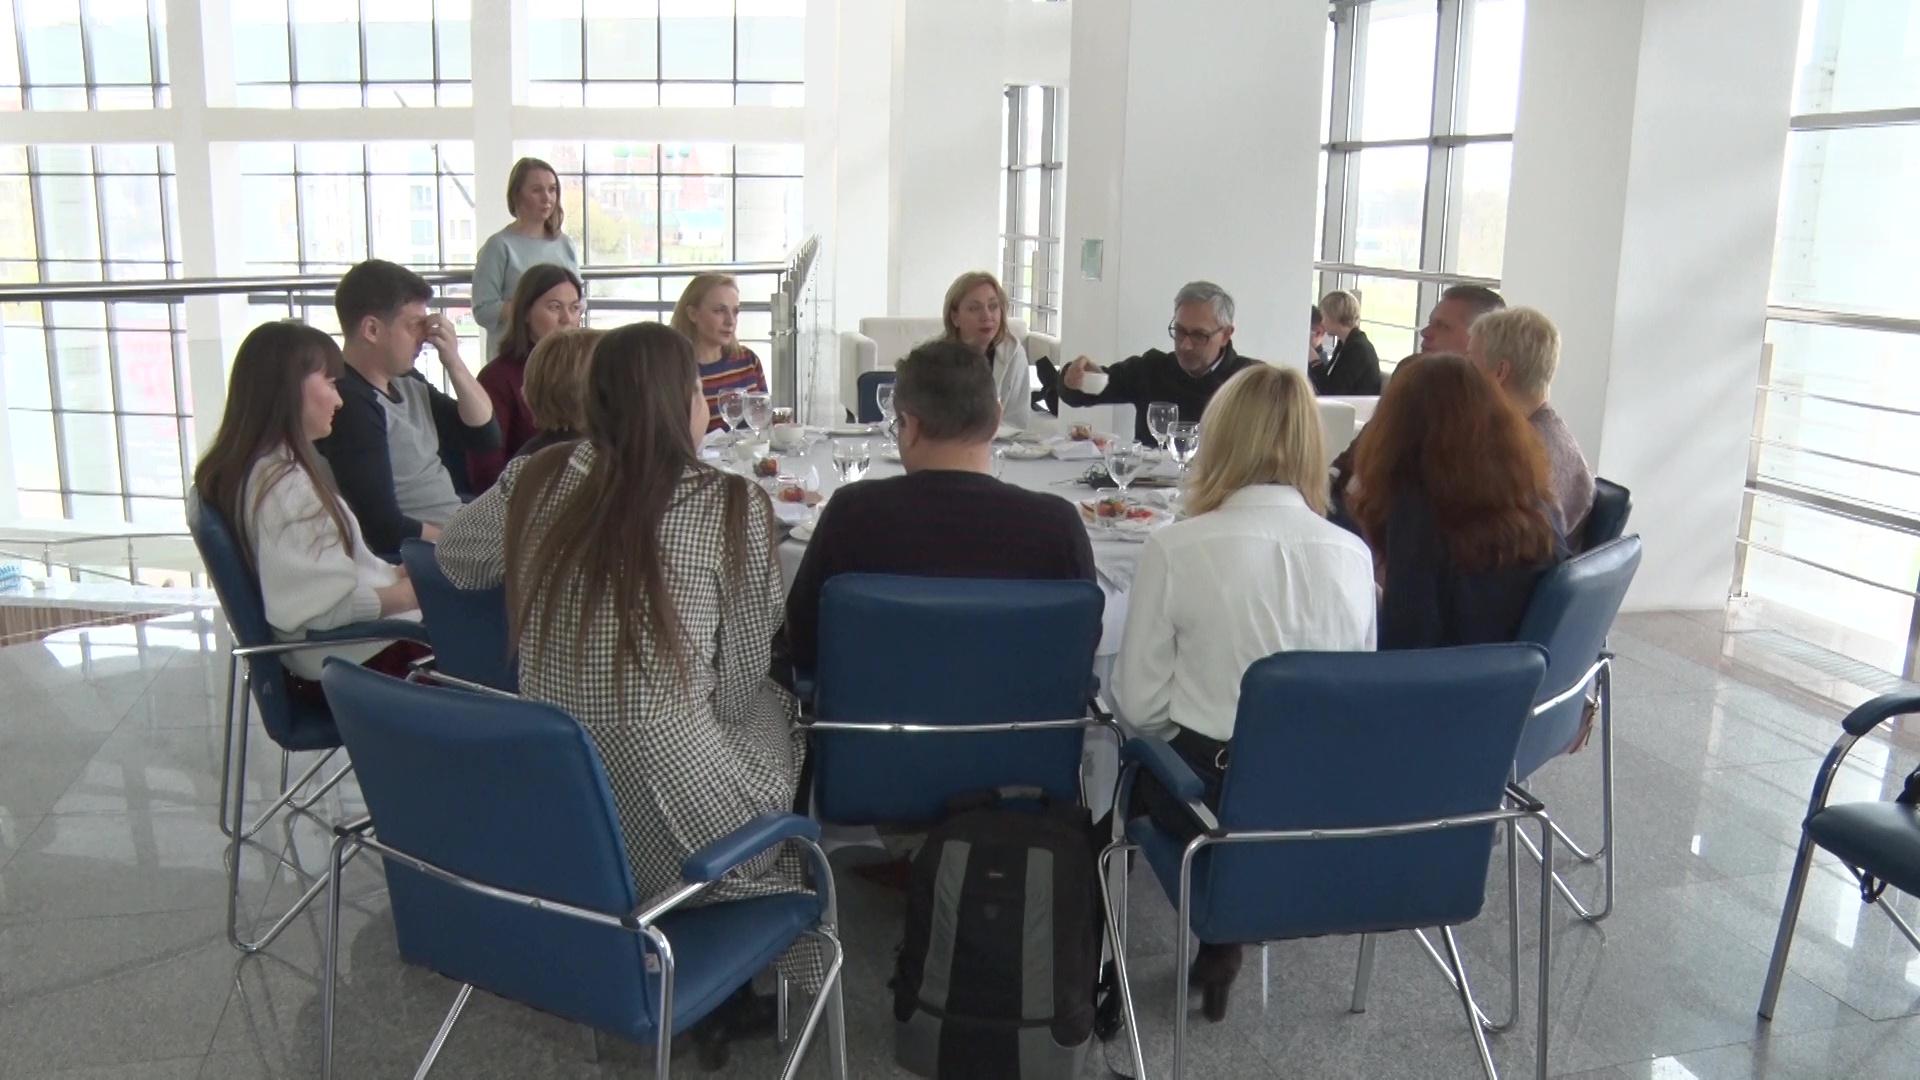 Проблемы и перспективы развития туризма в регионе обсудили за пресс-завтраком